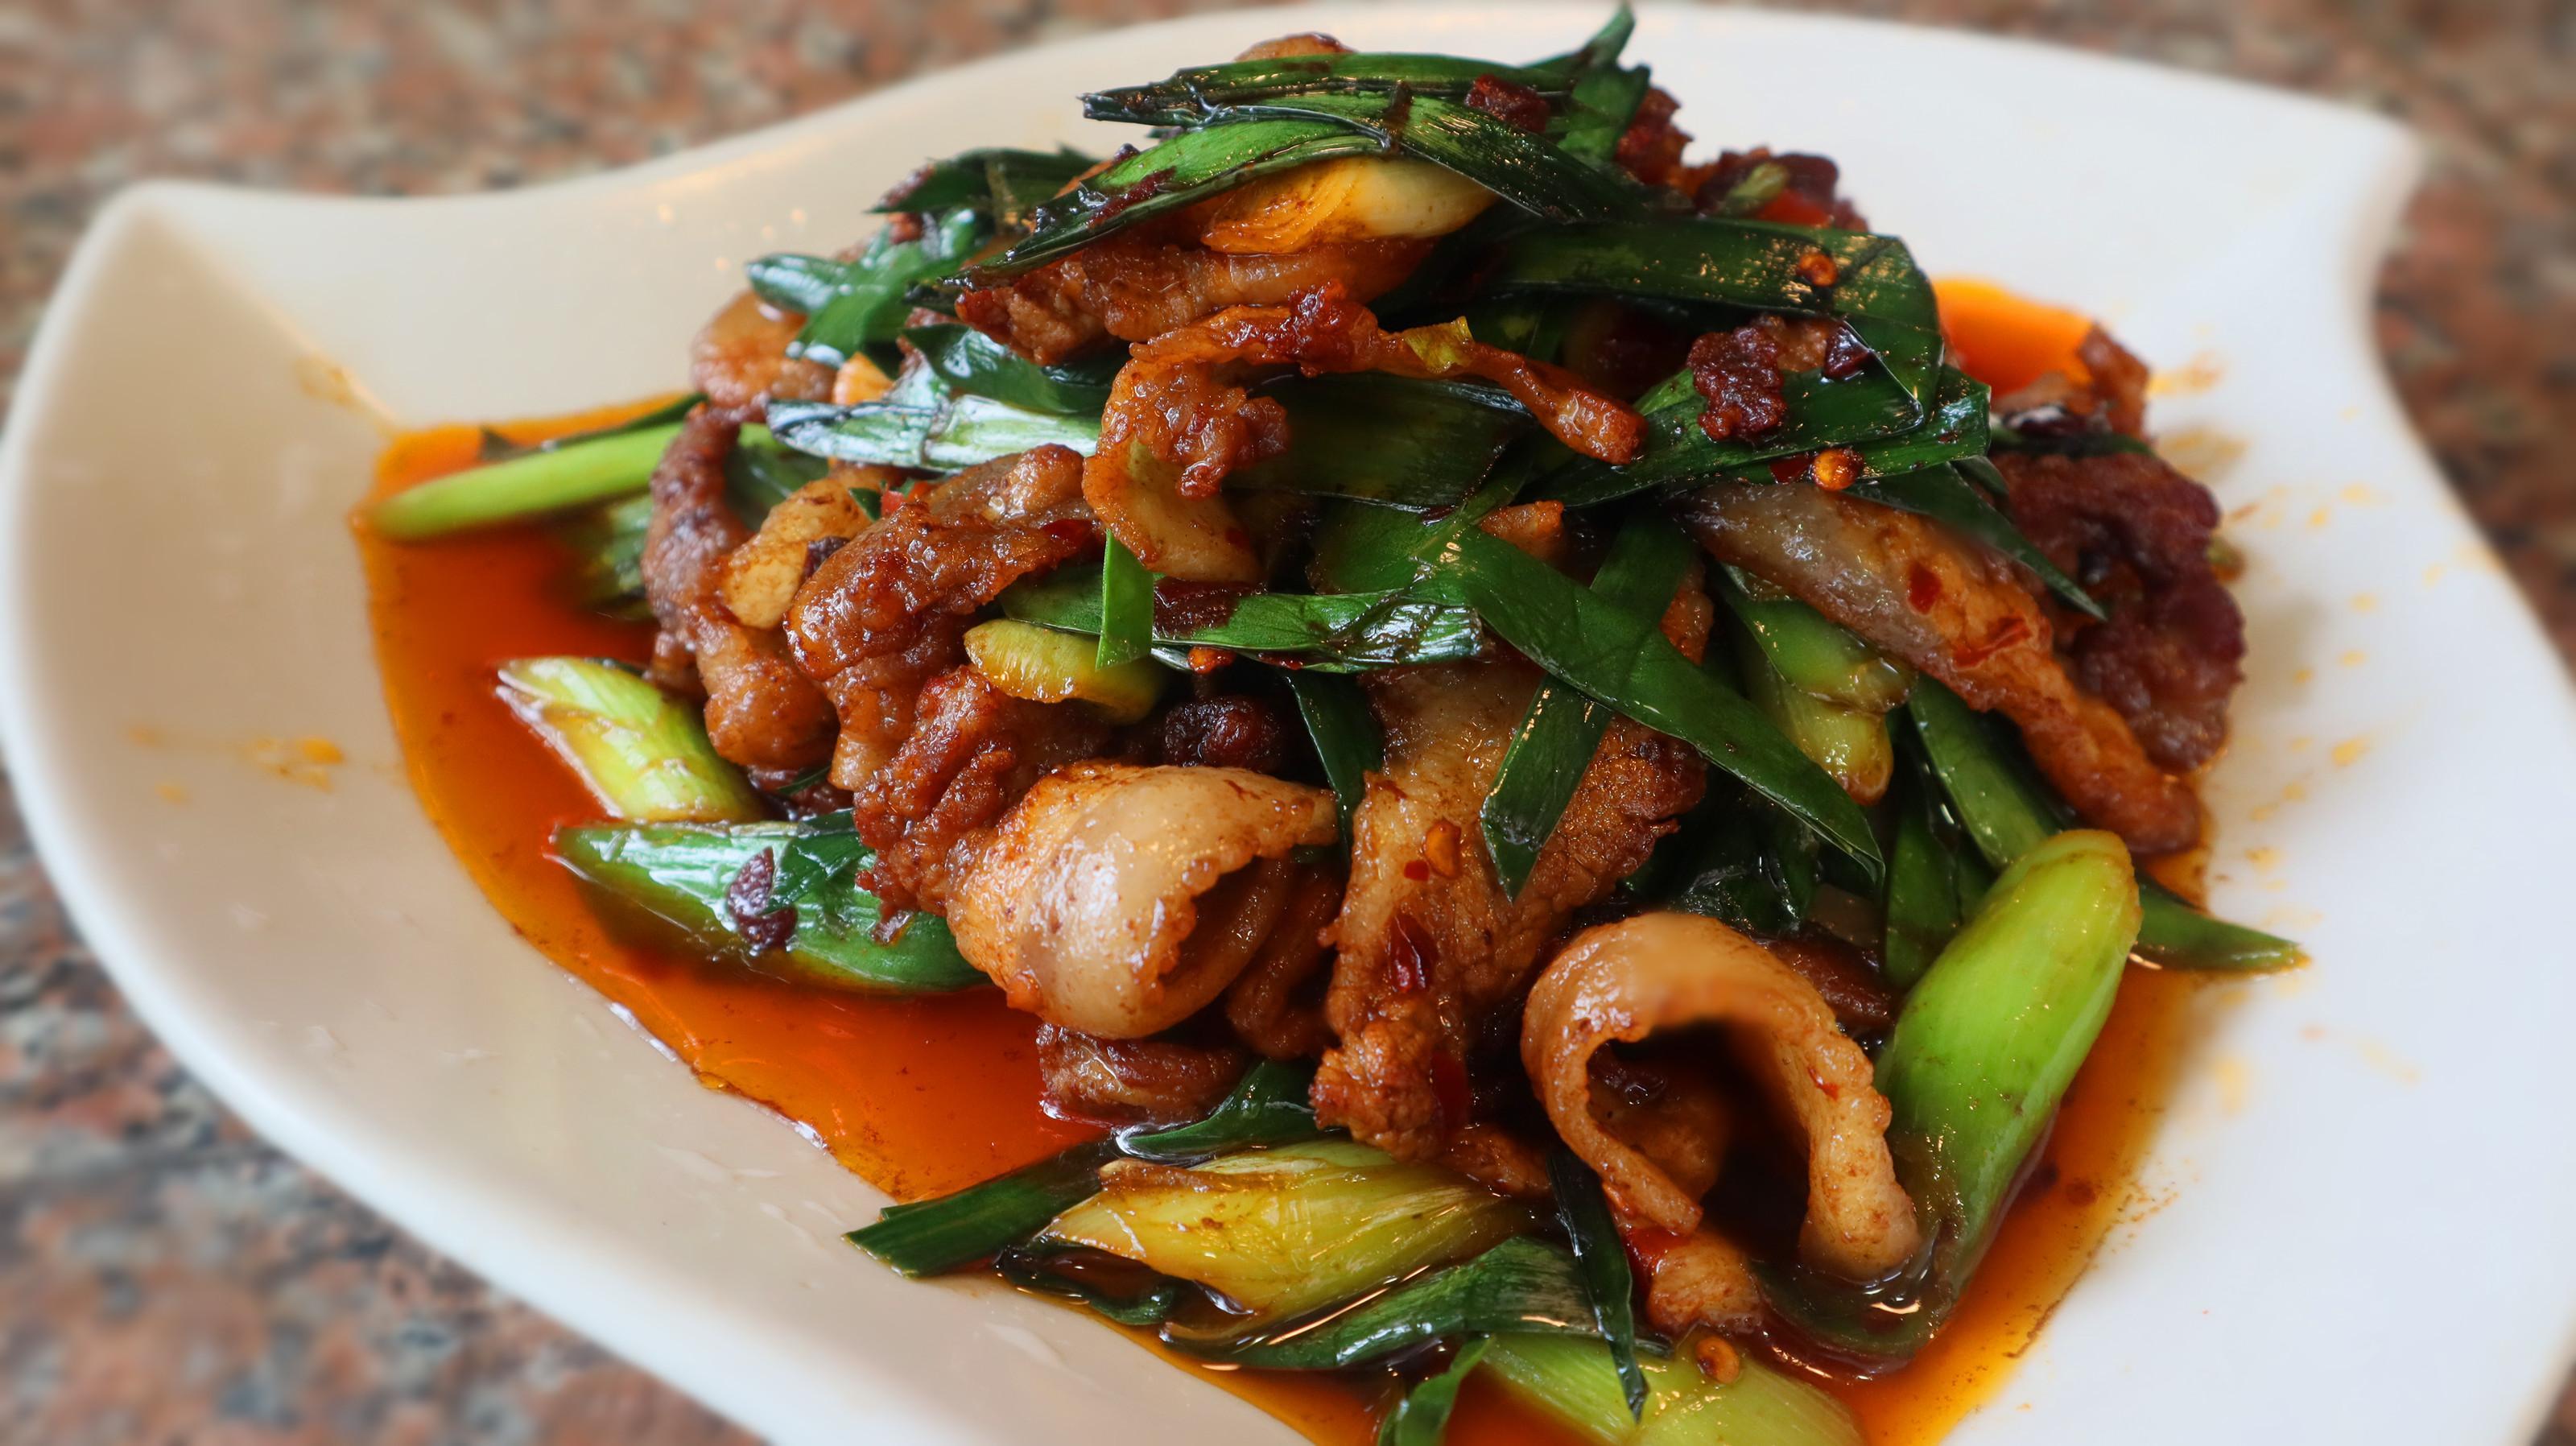 大厨教你做经典川菜盐煎肉,比回锅肉简单美味,肥而不腻特下饭